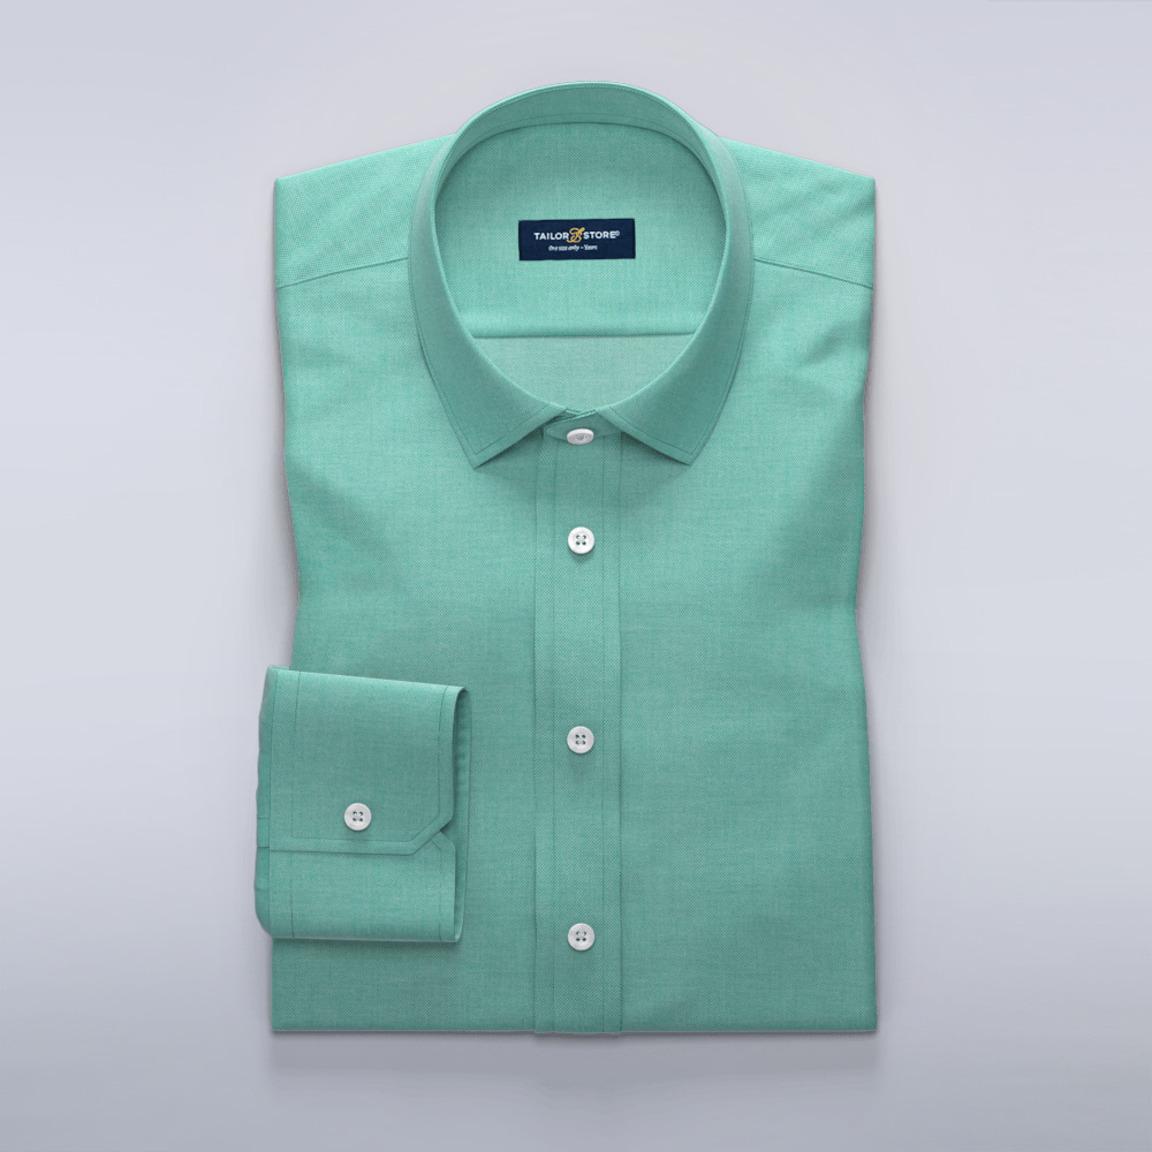 Lys business-skjorte i grønn dobbyvev